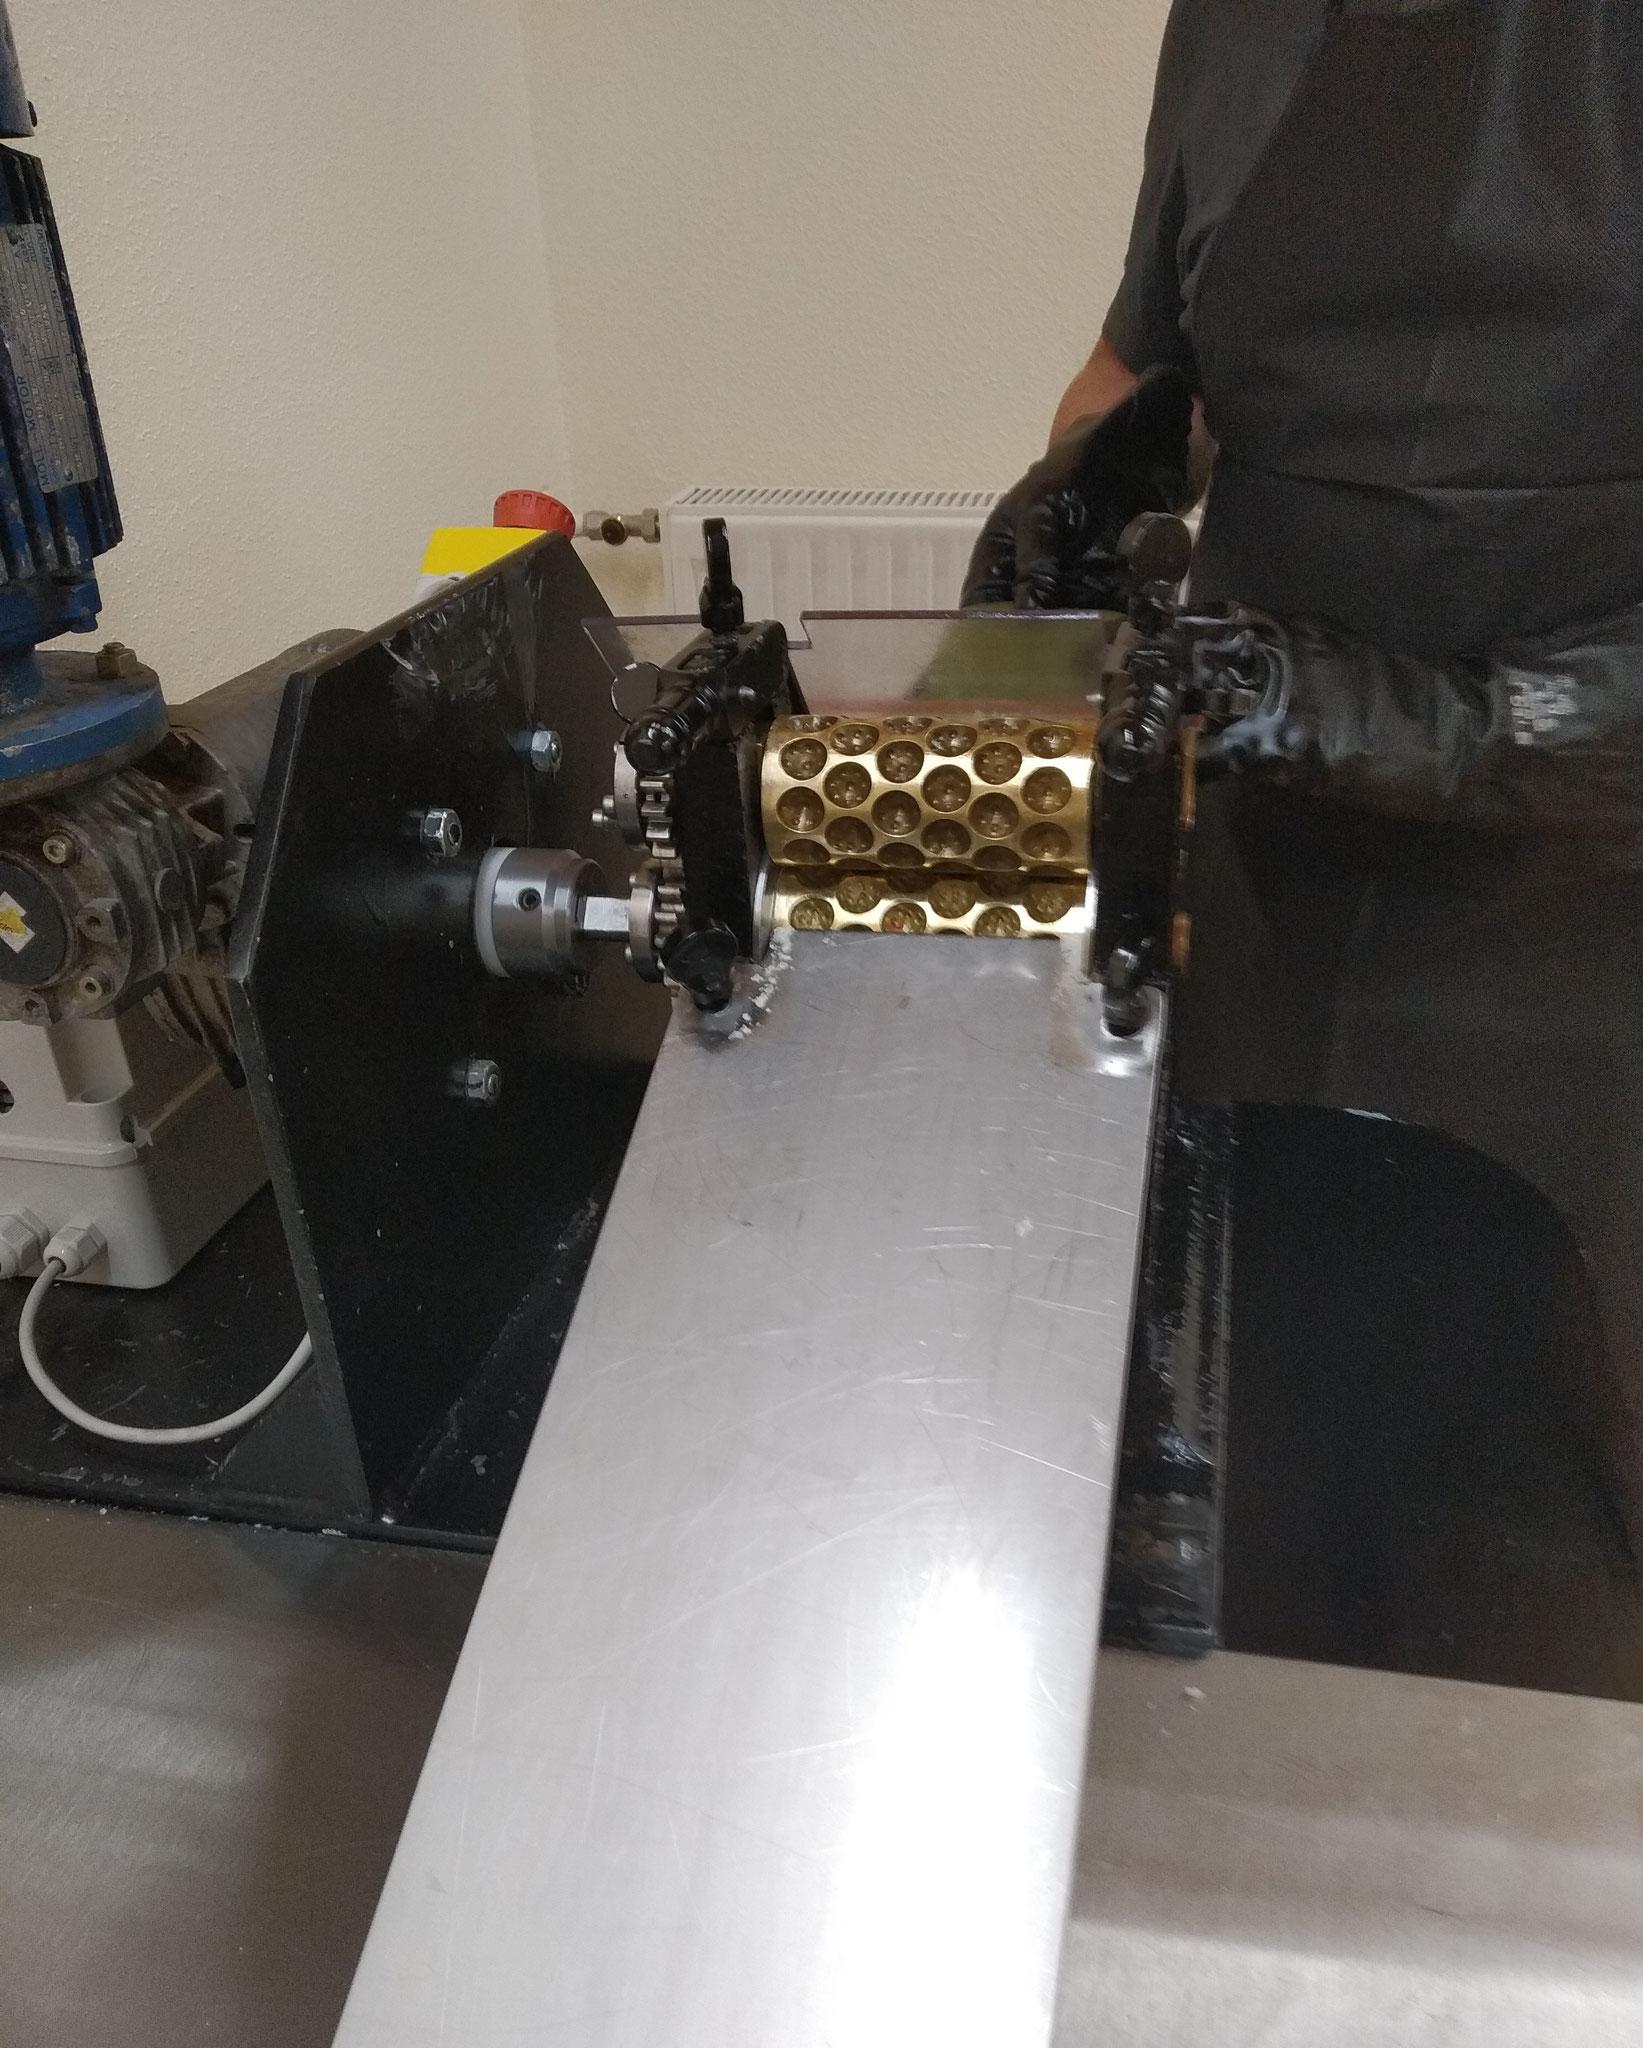 La macchina antica per la produzione di caramelle